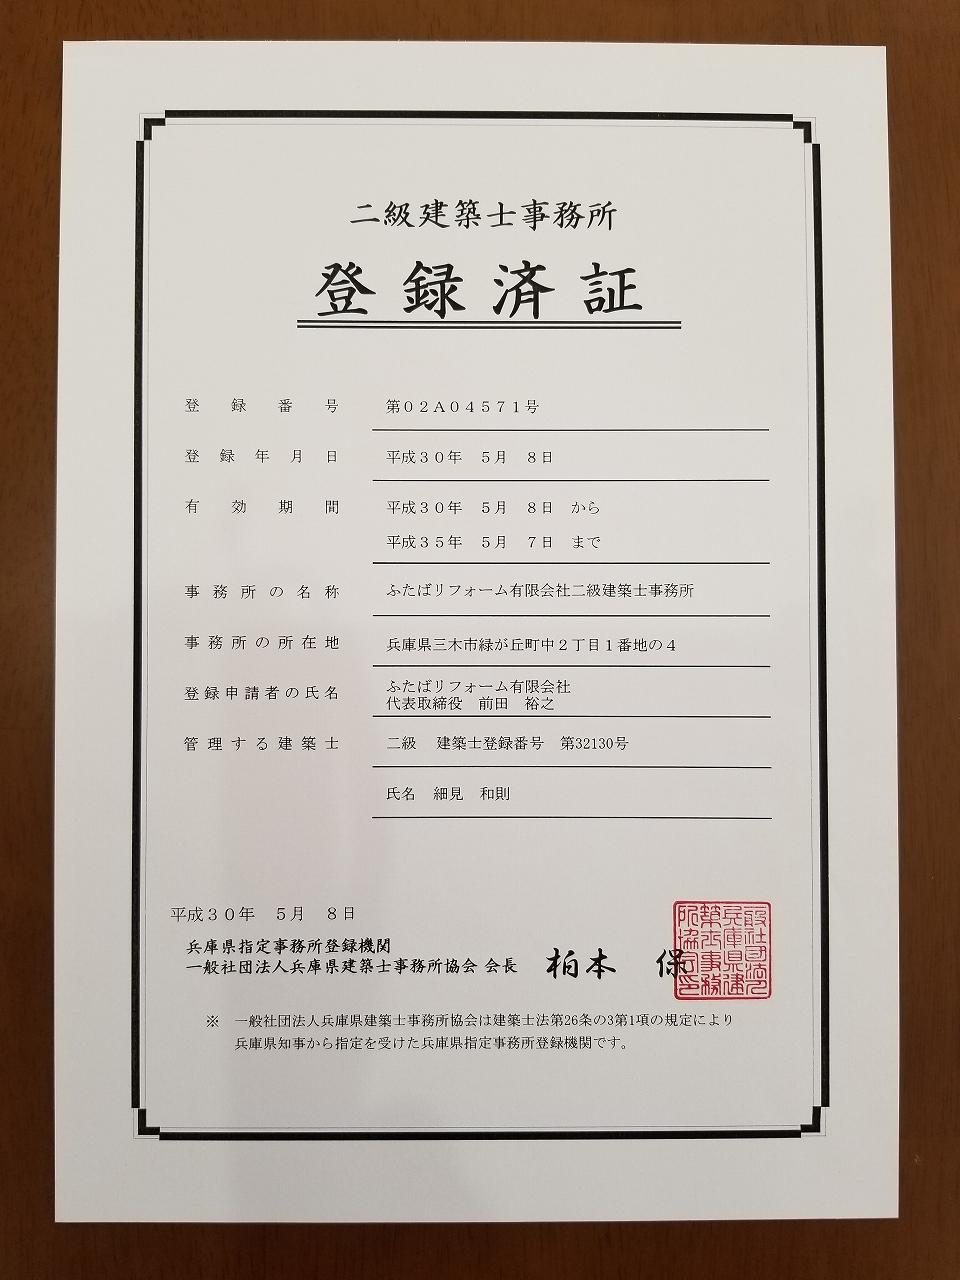 建築事務所登録2